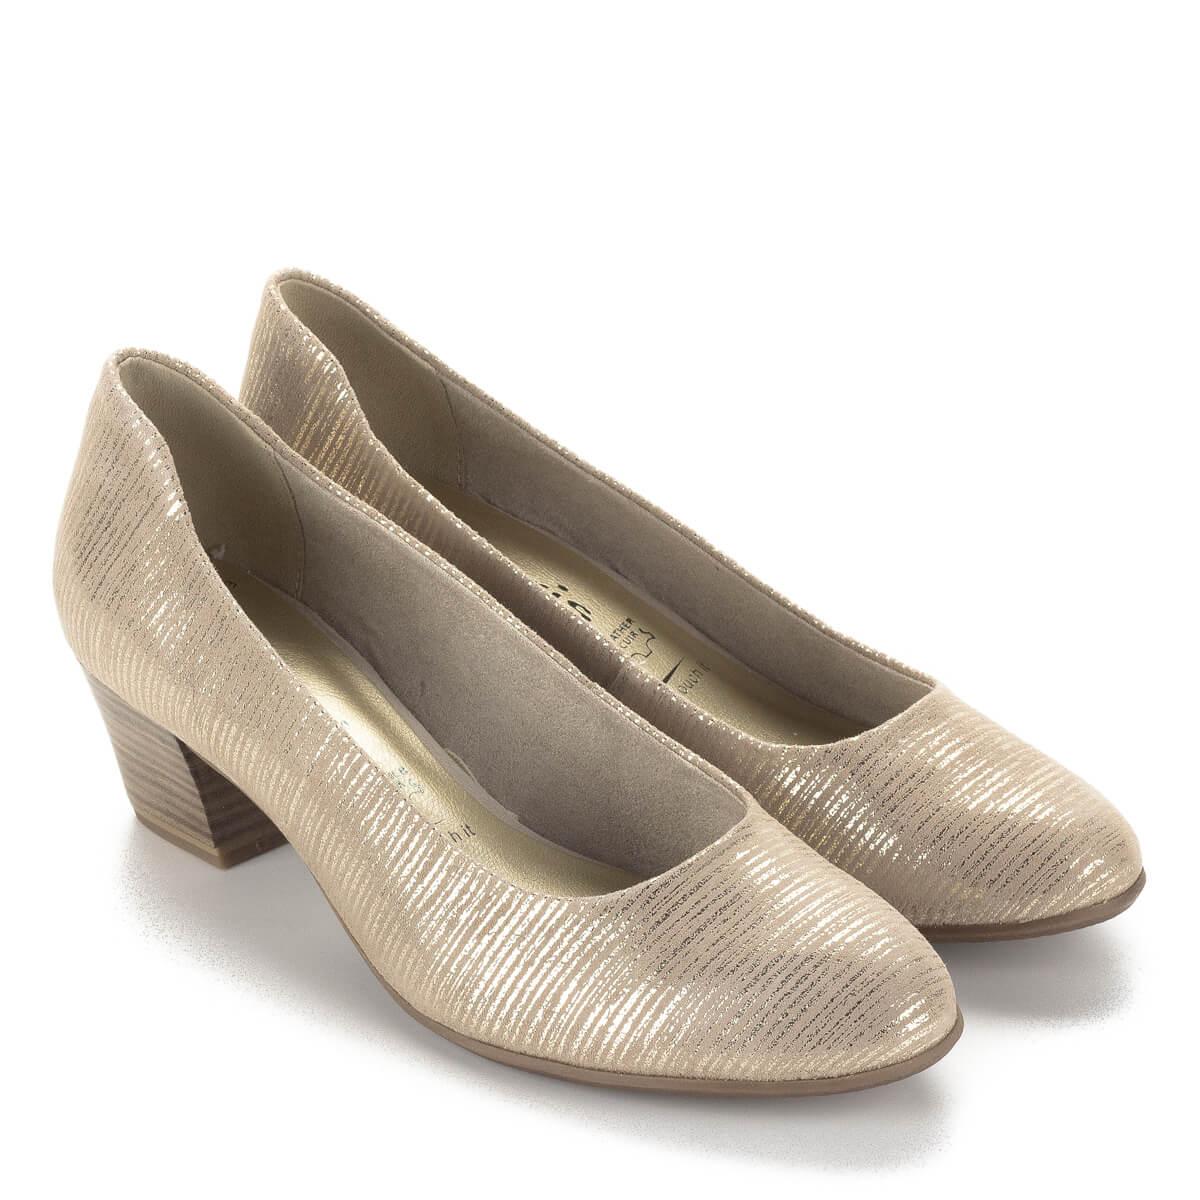 Tamaris cipő bézs-arany színben 4 dc3b60291e